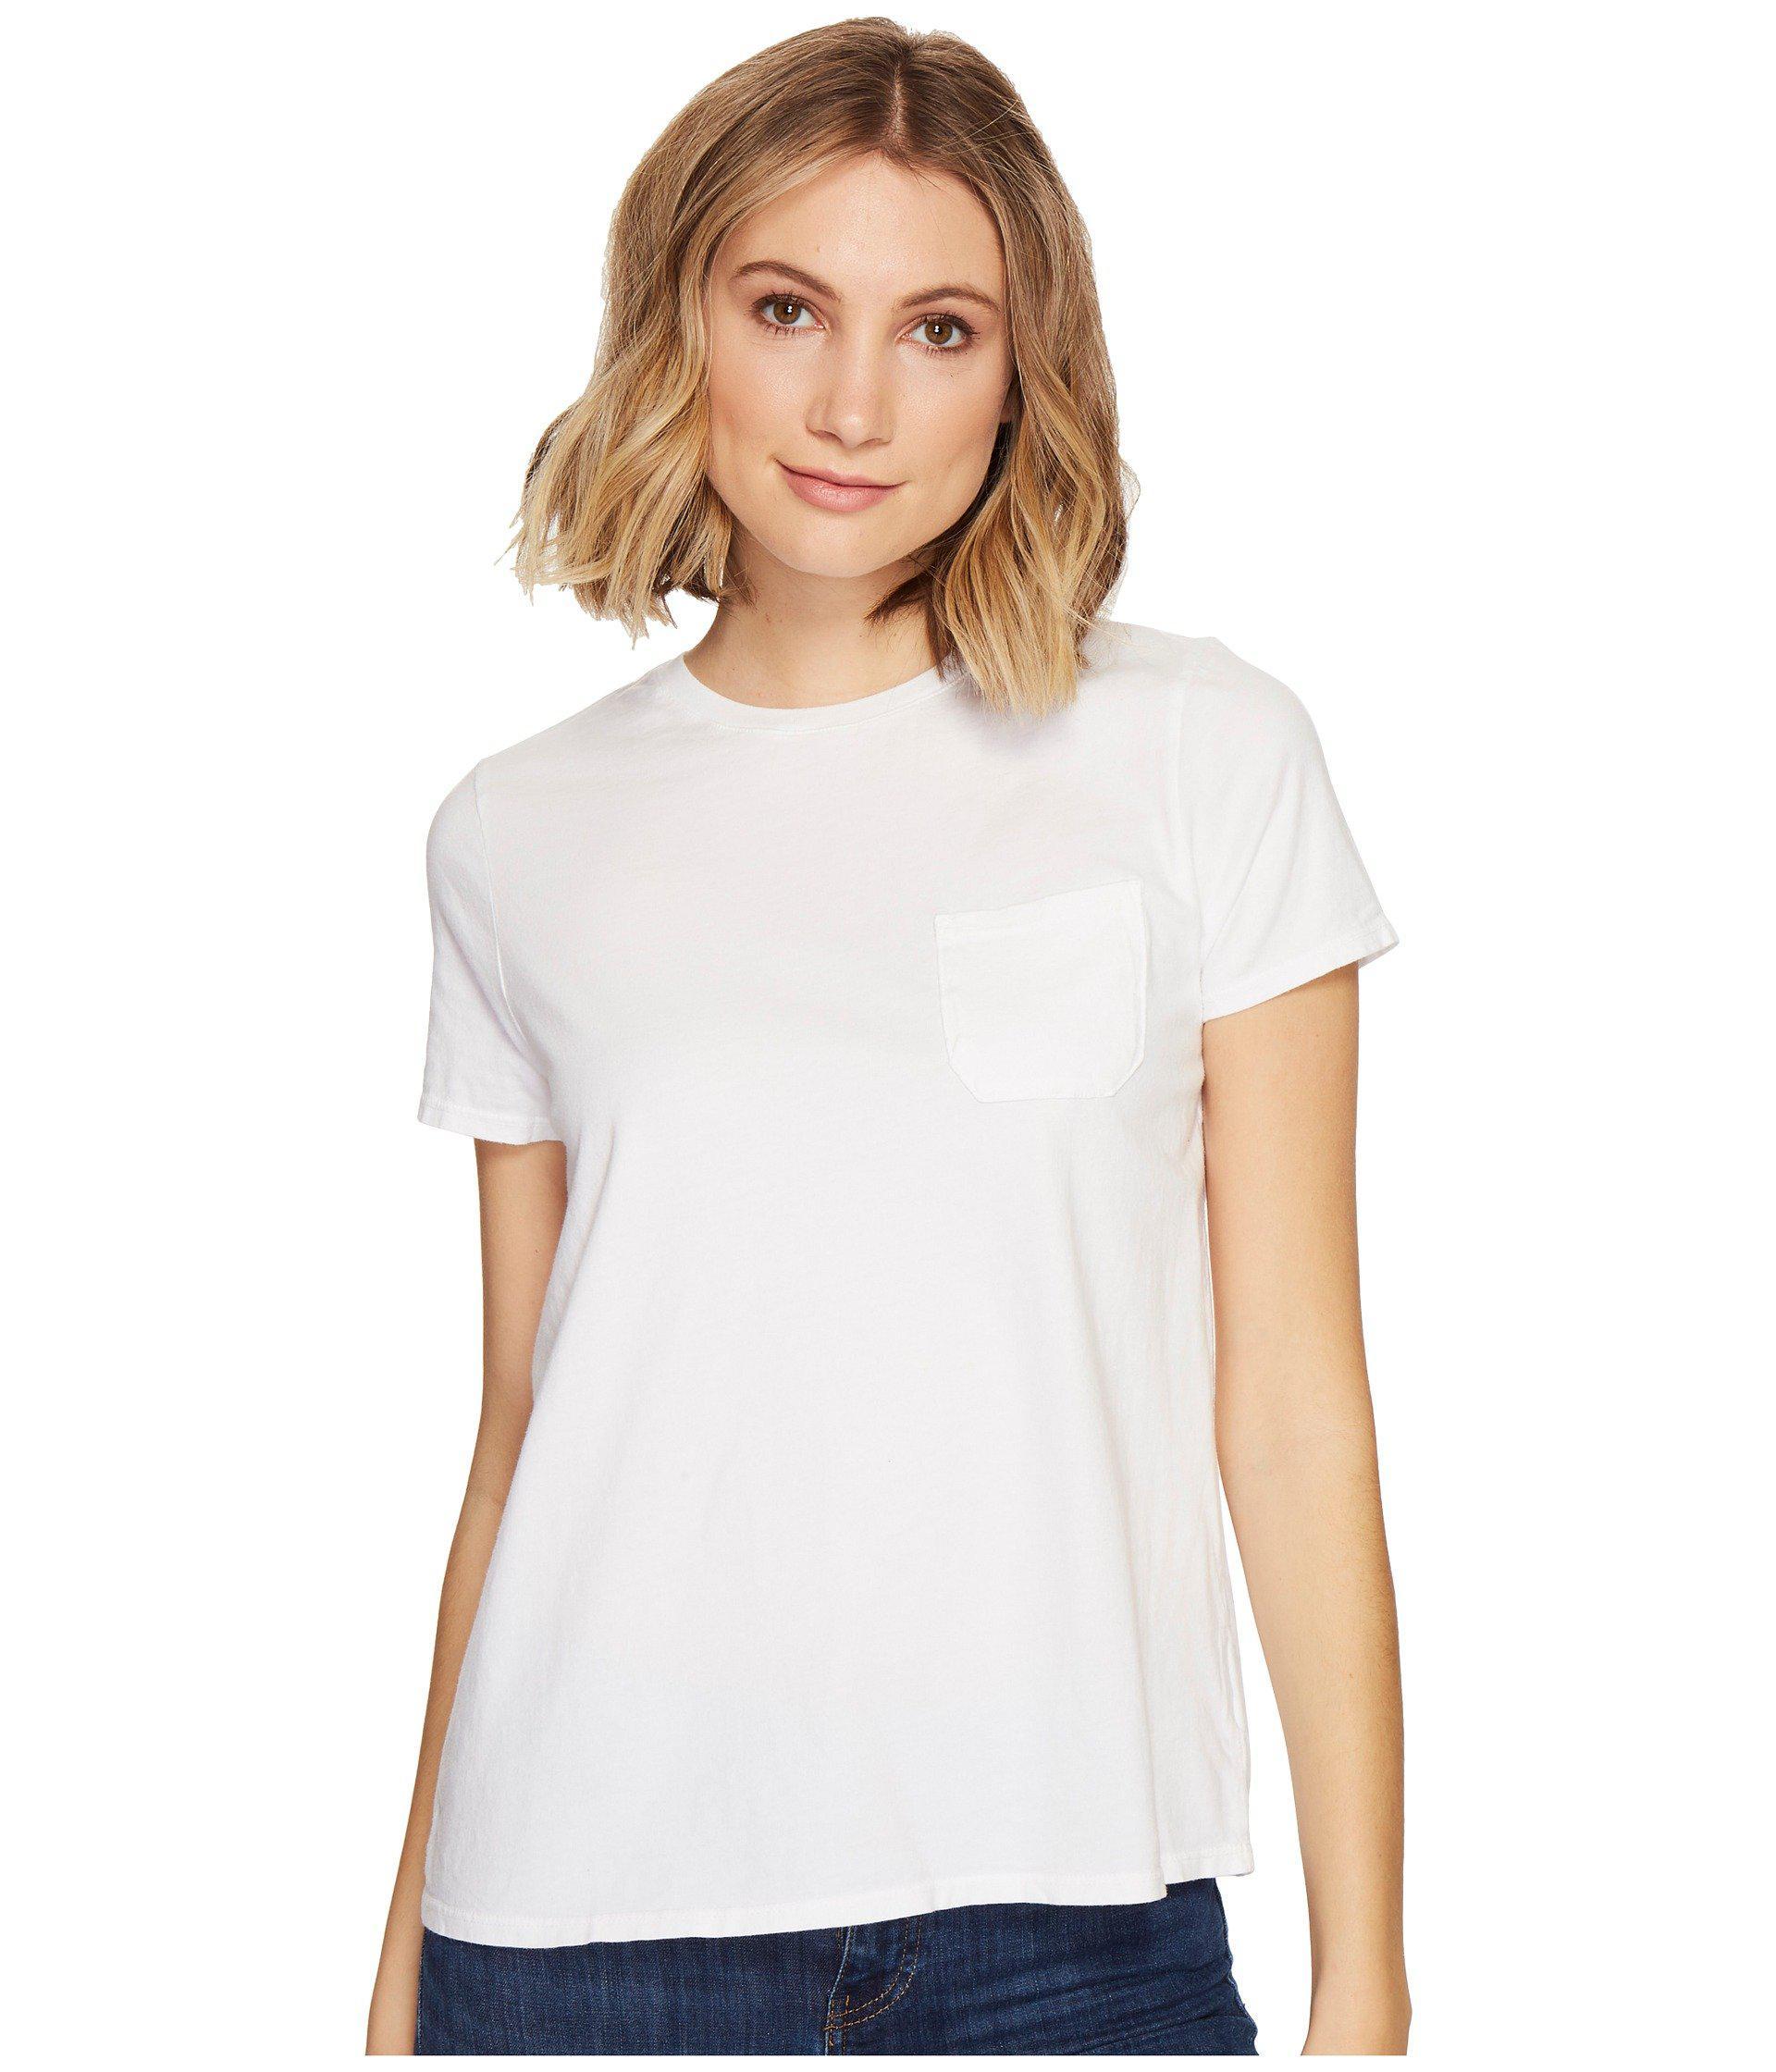 e960586b7ae Lyst - Richer Poorer Crew Pocket Tee (green) Women s T Shirt in White